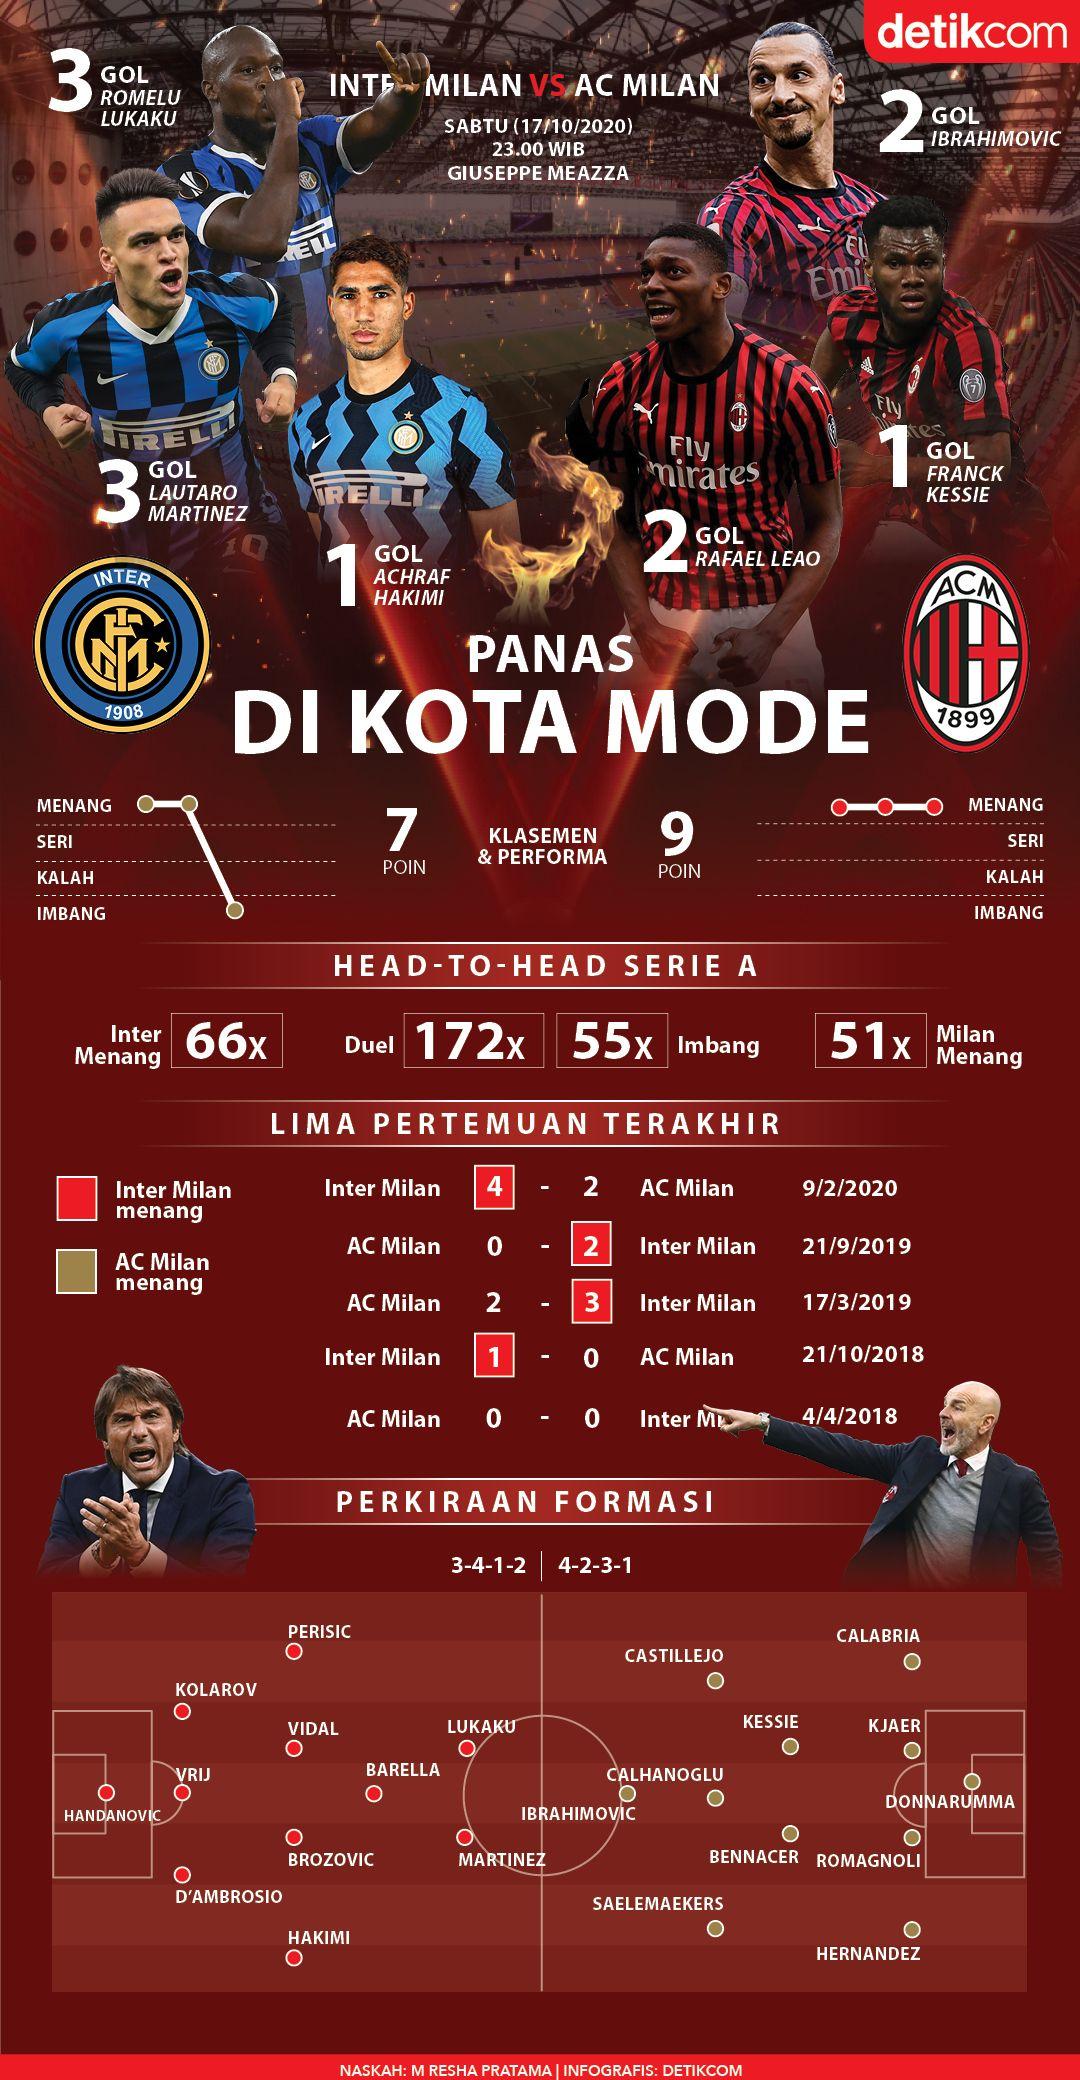 Infografis Derby Milan